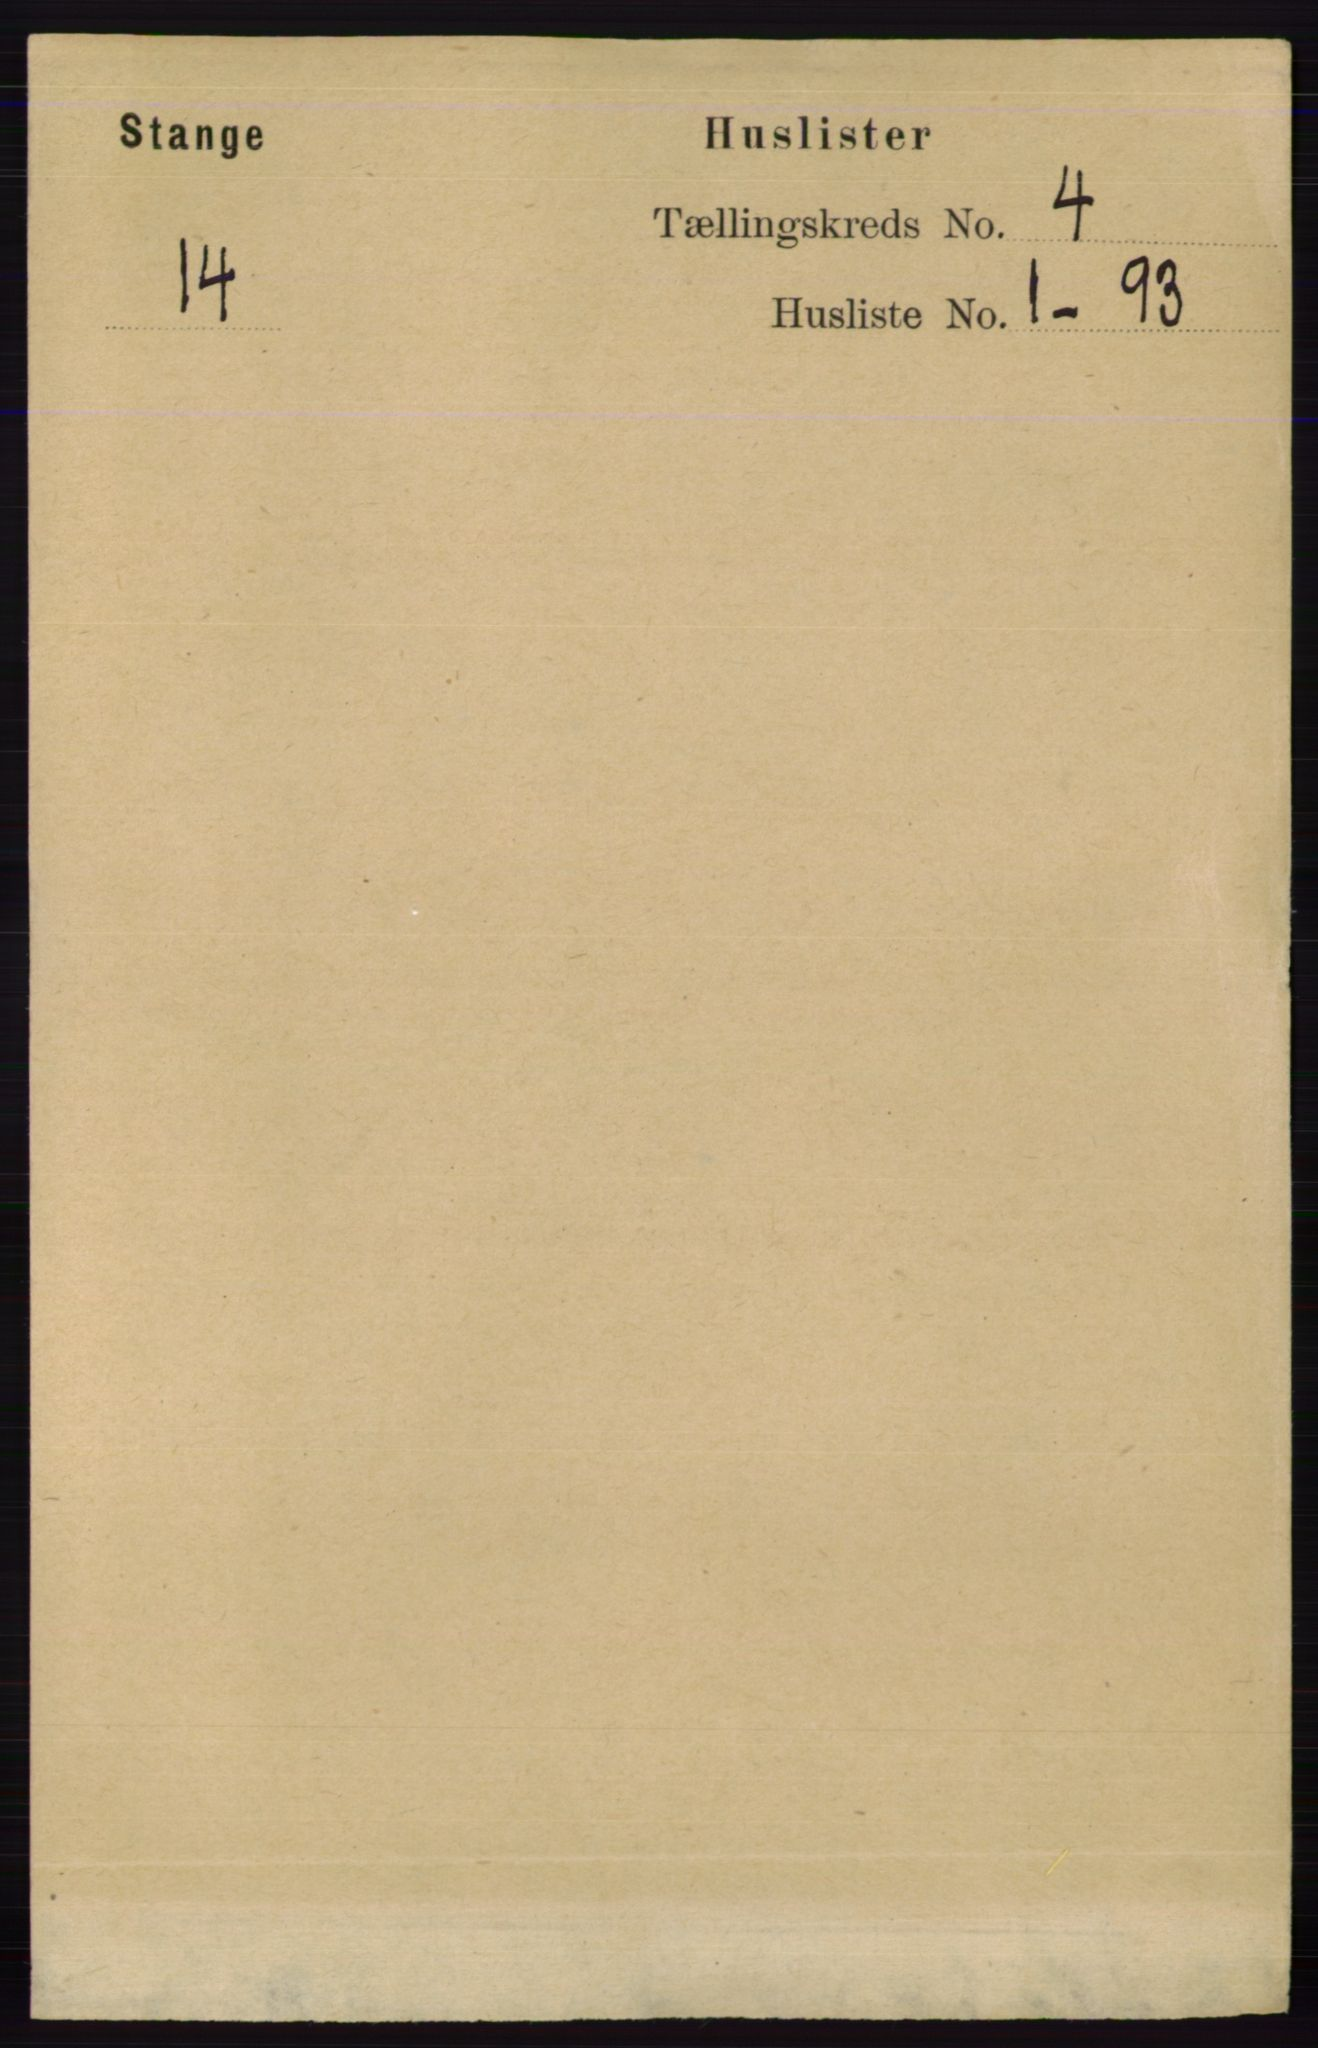 RA, Folketelling 1891 for 0417 Stange herred, 1891, s. 2228